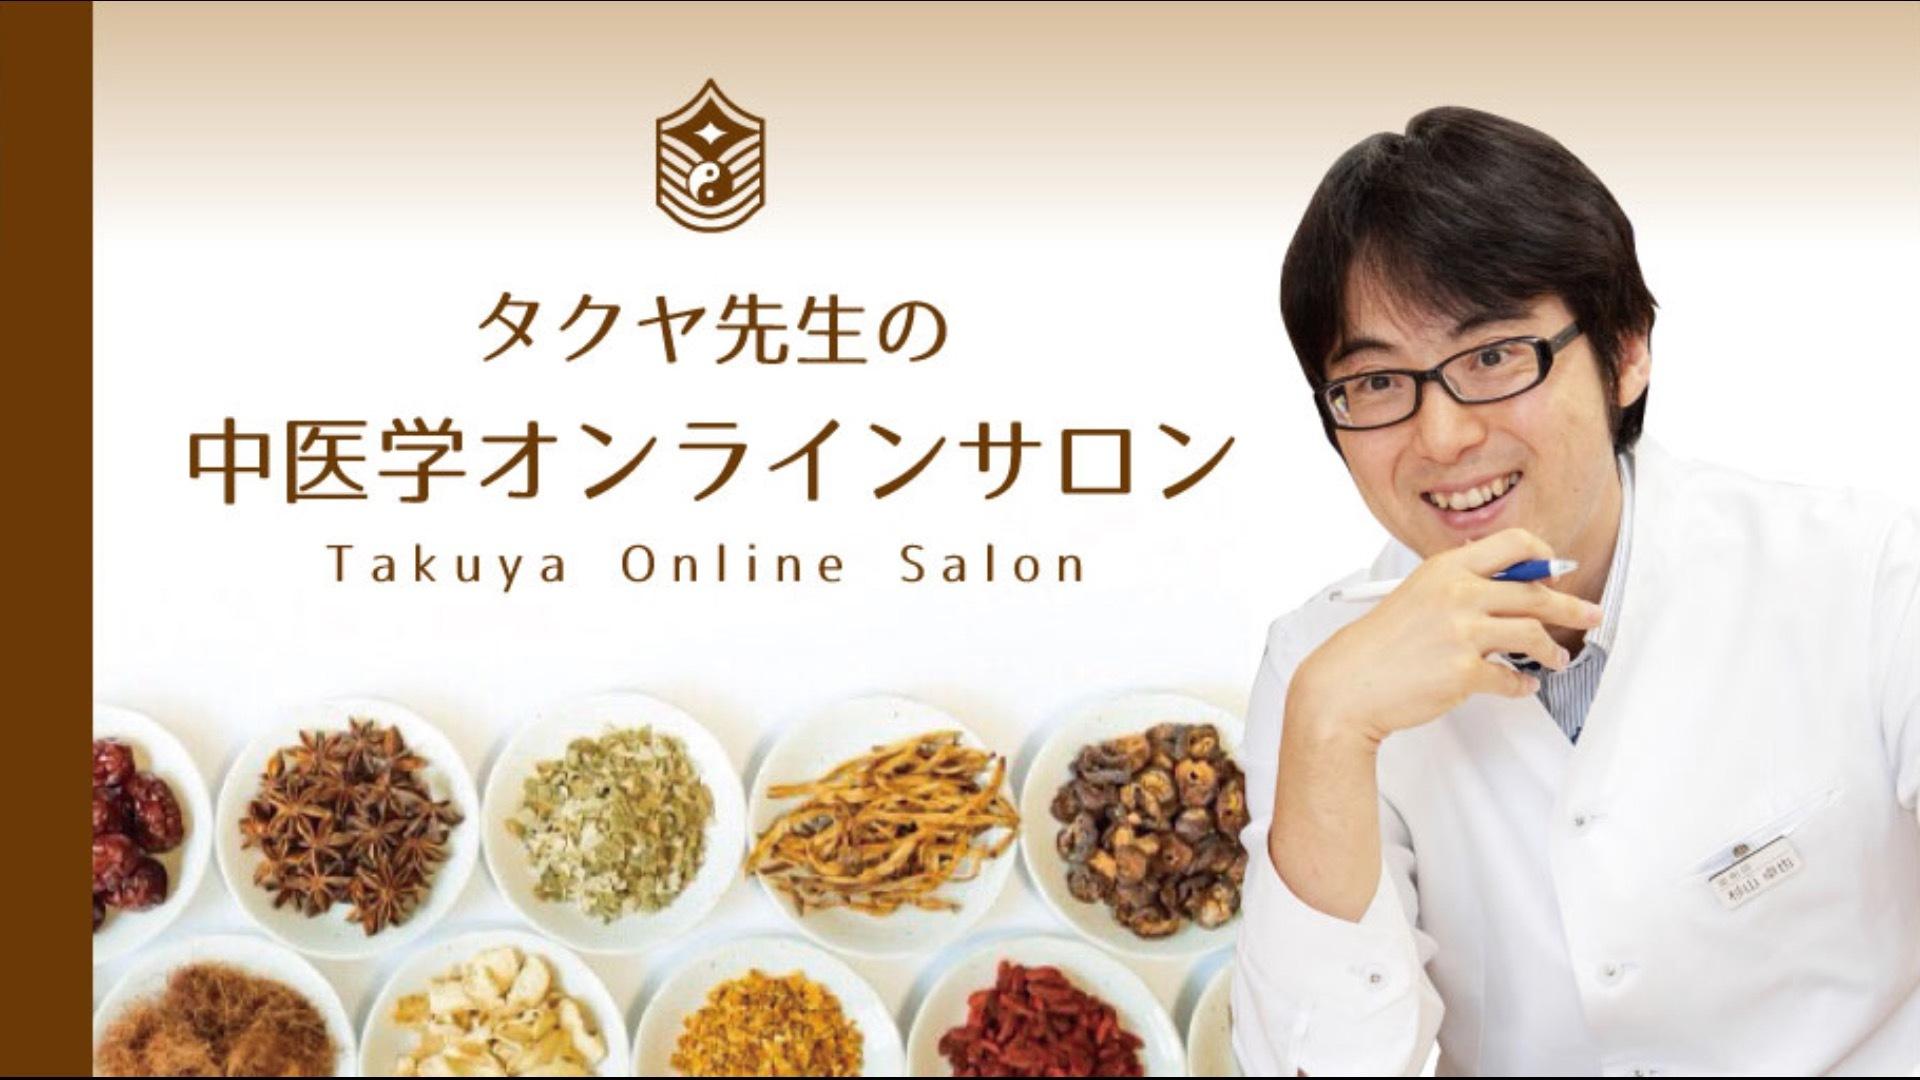 タクヤ先生の中医学オンラインサロン